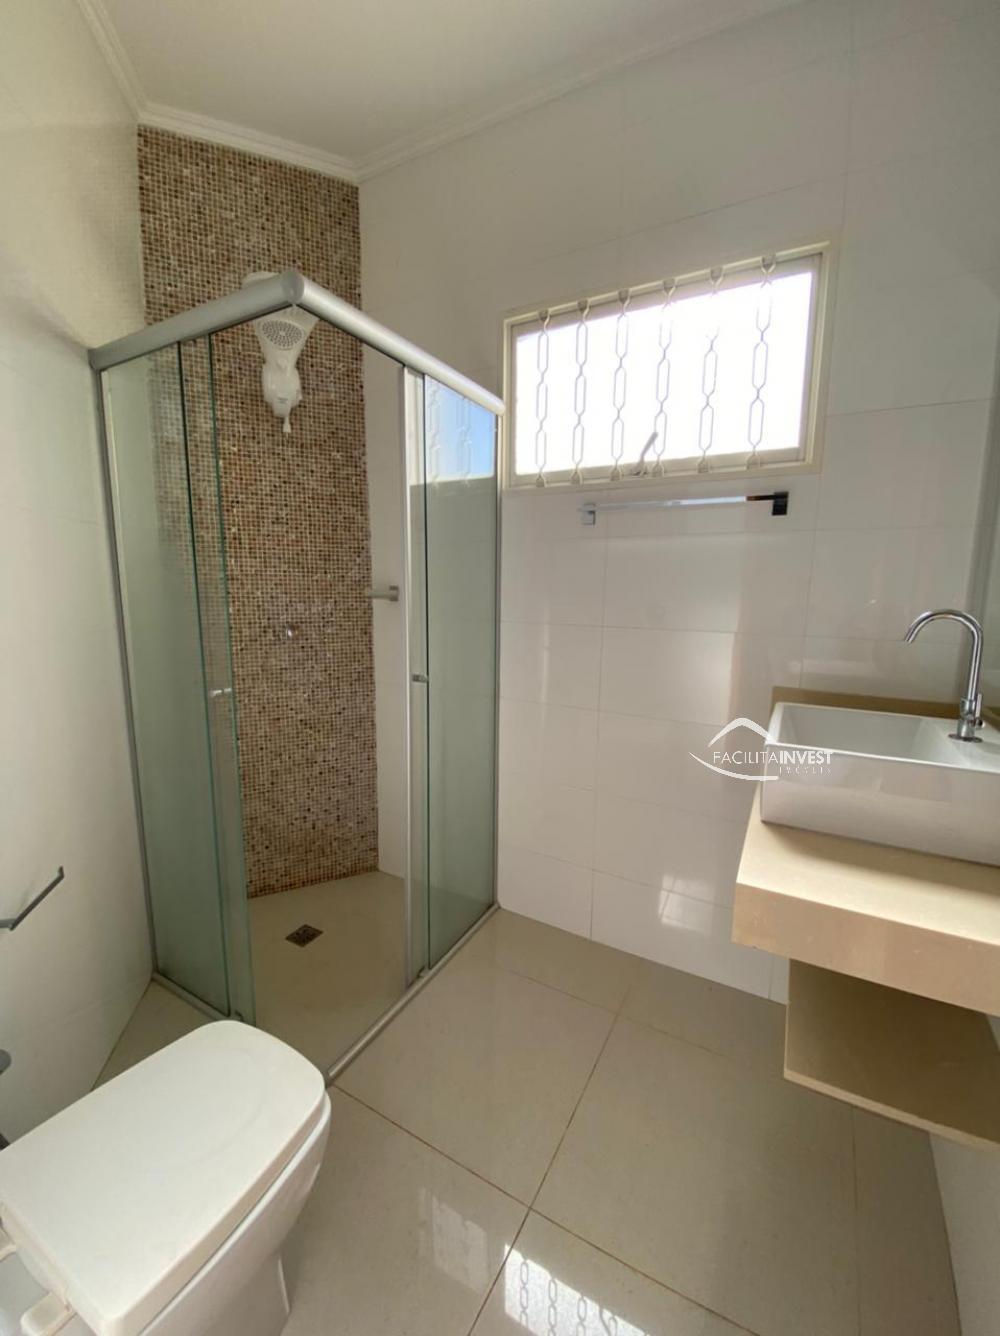 Comprar Apartamentos / Apart. Padrão em Ribeirão Preto R$ 350.000,00 - Foto 11